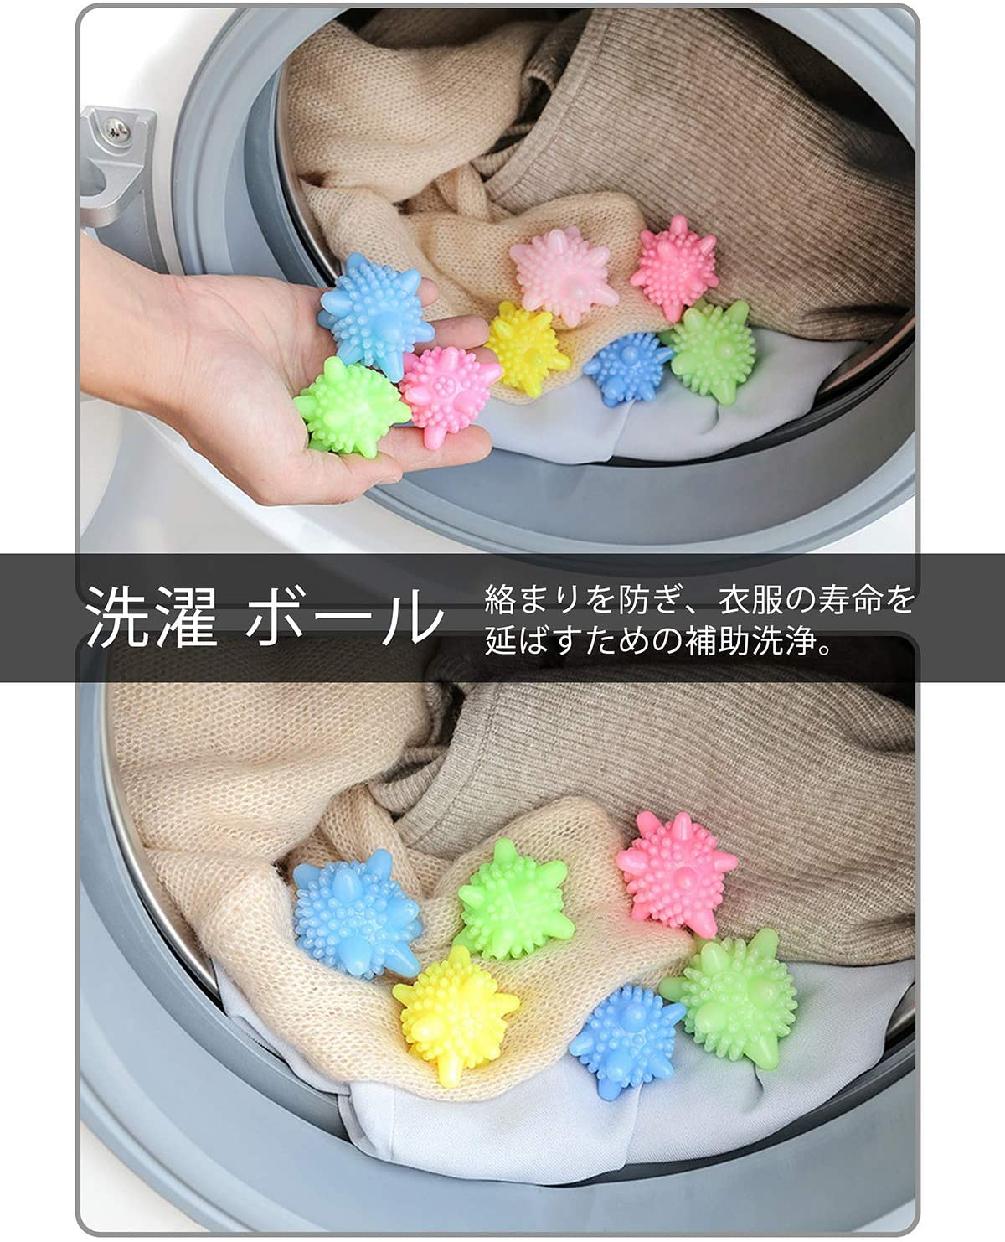 amxus(アンサス) 洗濯ネットの商品画像8